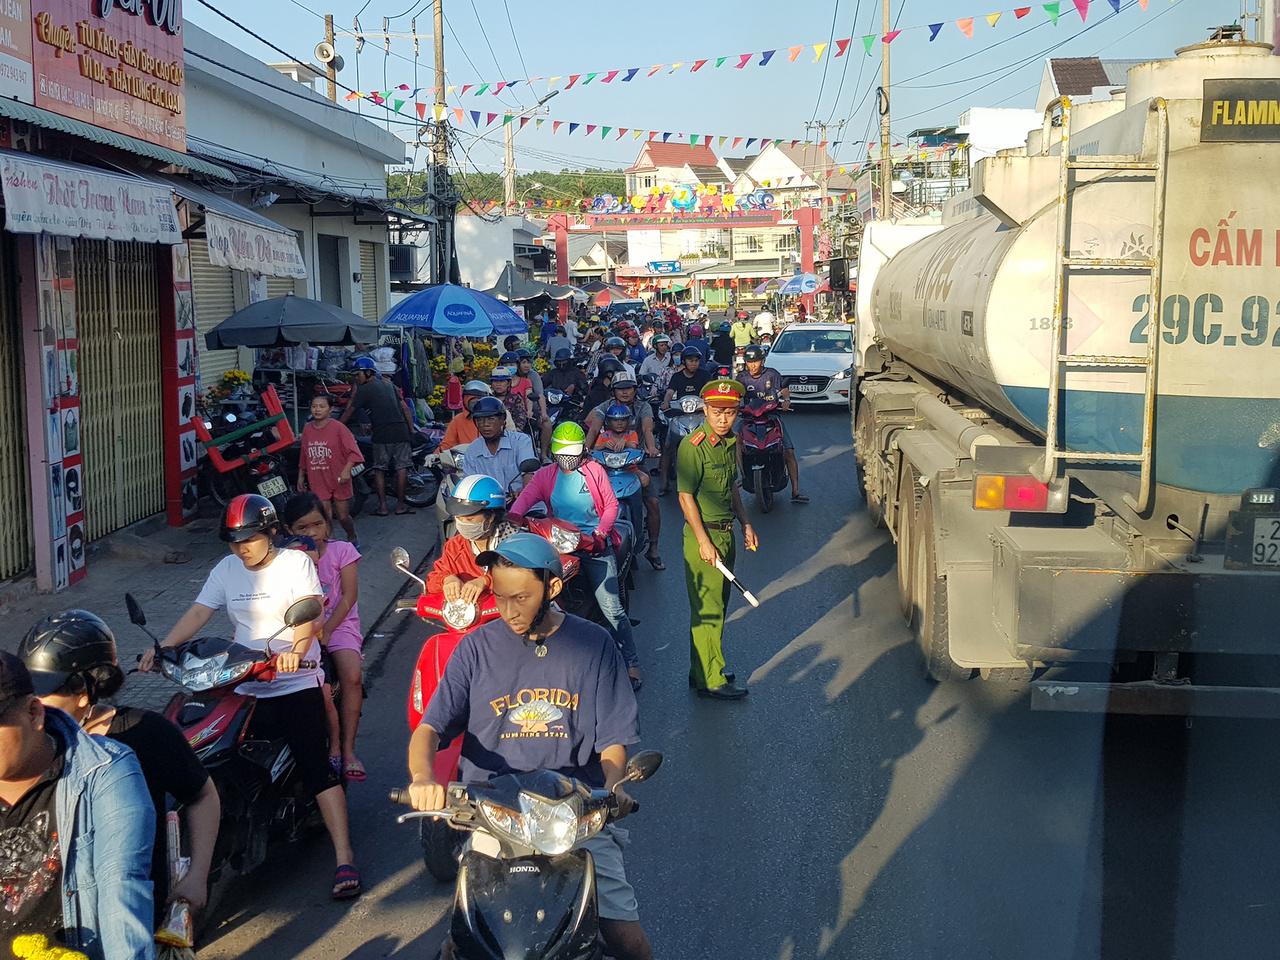 Forgalmi dugó a Phu Quoc szigetén található An Thoi városkában. A kínai holdújév miatti ünnepségek alatt sok utcát lezártak, így a nehézgépjárművek is szűk utcákba kényszerültek. A képen látható tartálykocsi úgy fért el, hogy a tetejére mászott egy jóképességű, aki a villanyvezetékeket és távközlési kábeleket bottal tartotta araszolás közben. Közben mindenki türelmetlenül nyomta a dudát, mintha nem lenne holnap. A káoszt a körzeti meghízott megjelenése sem csillapította. Volt több olyan idióta, aki majdnem a teherautó kerekei alá került, de ő akkor is megy tovább, ha van hozzá hely, ha nincs